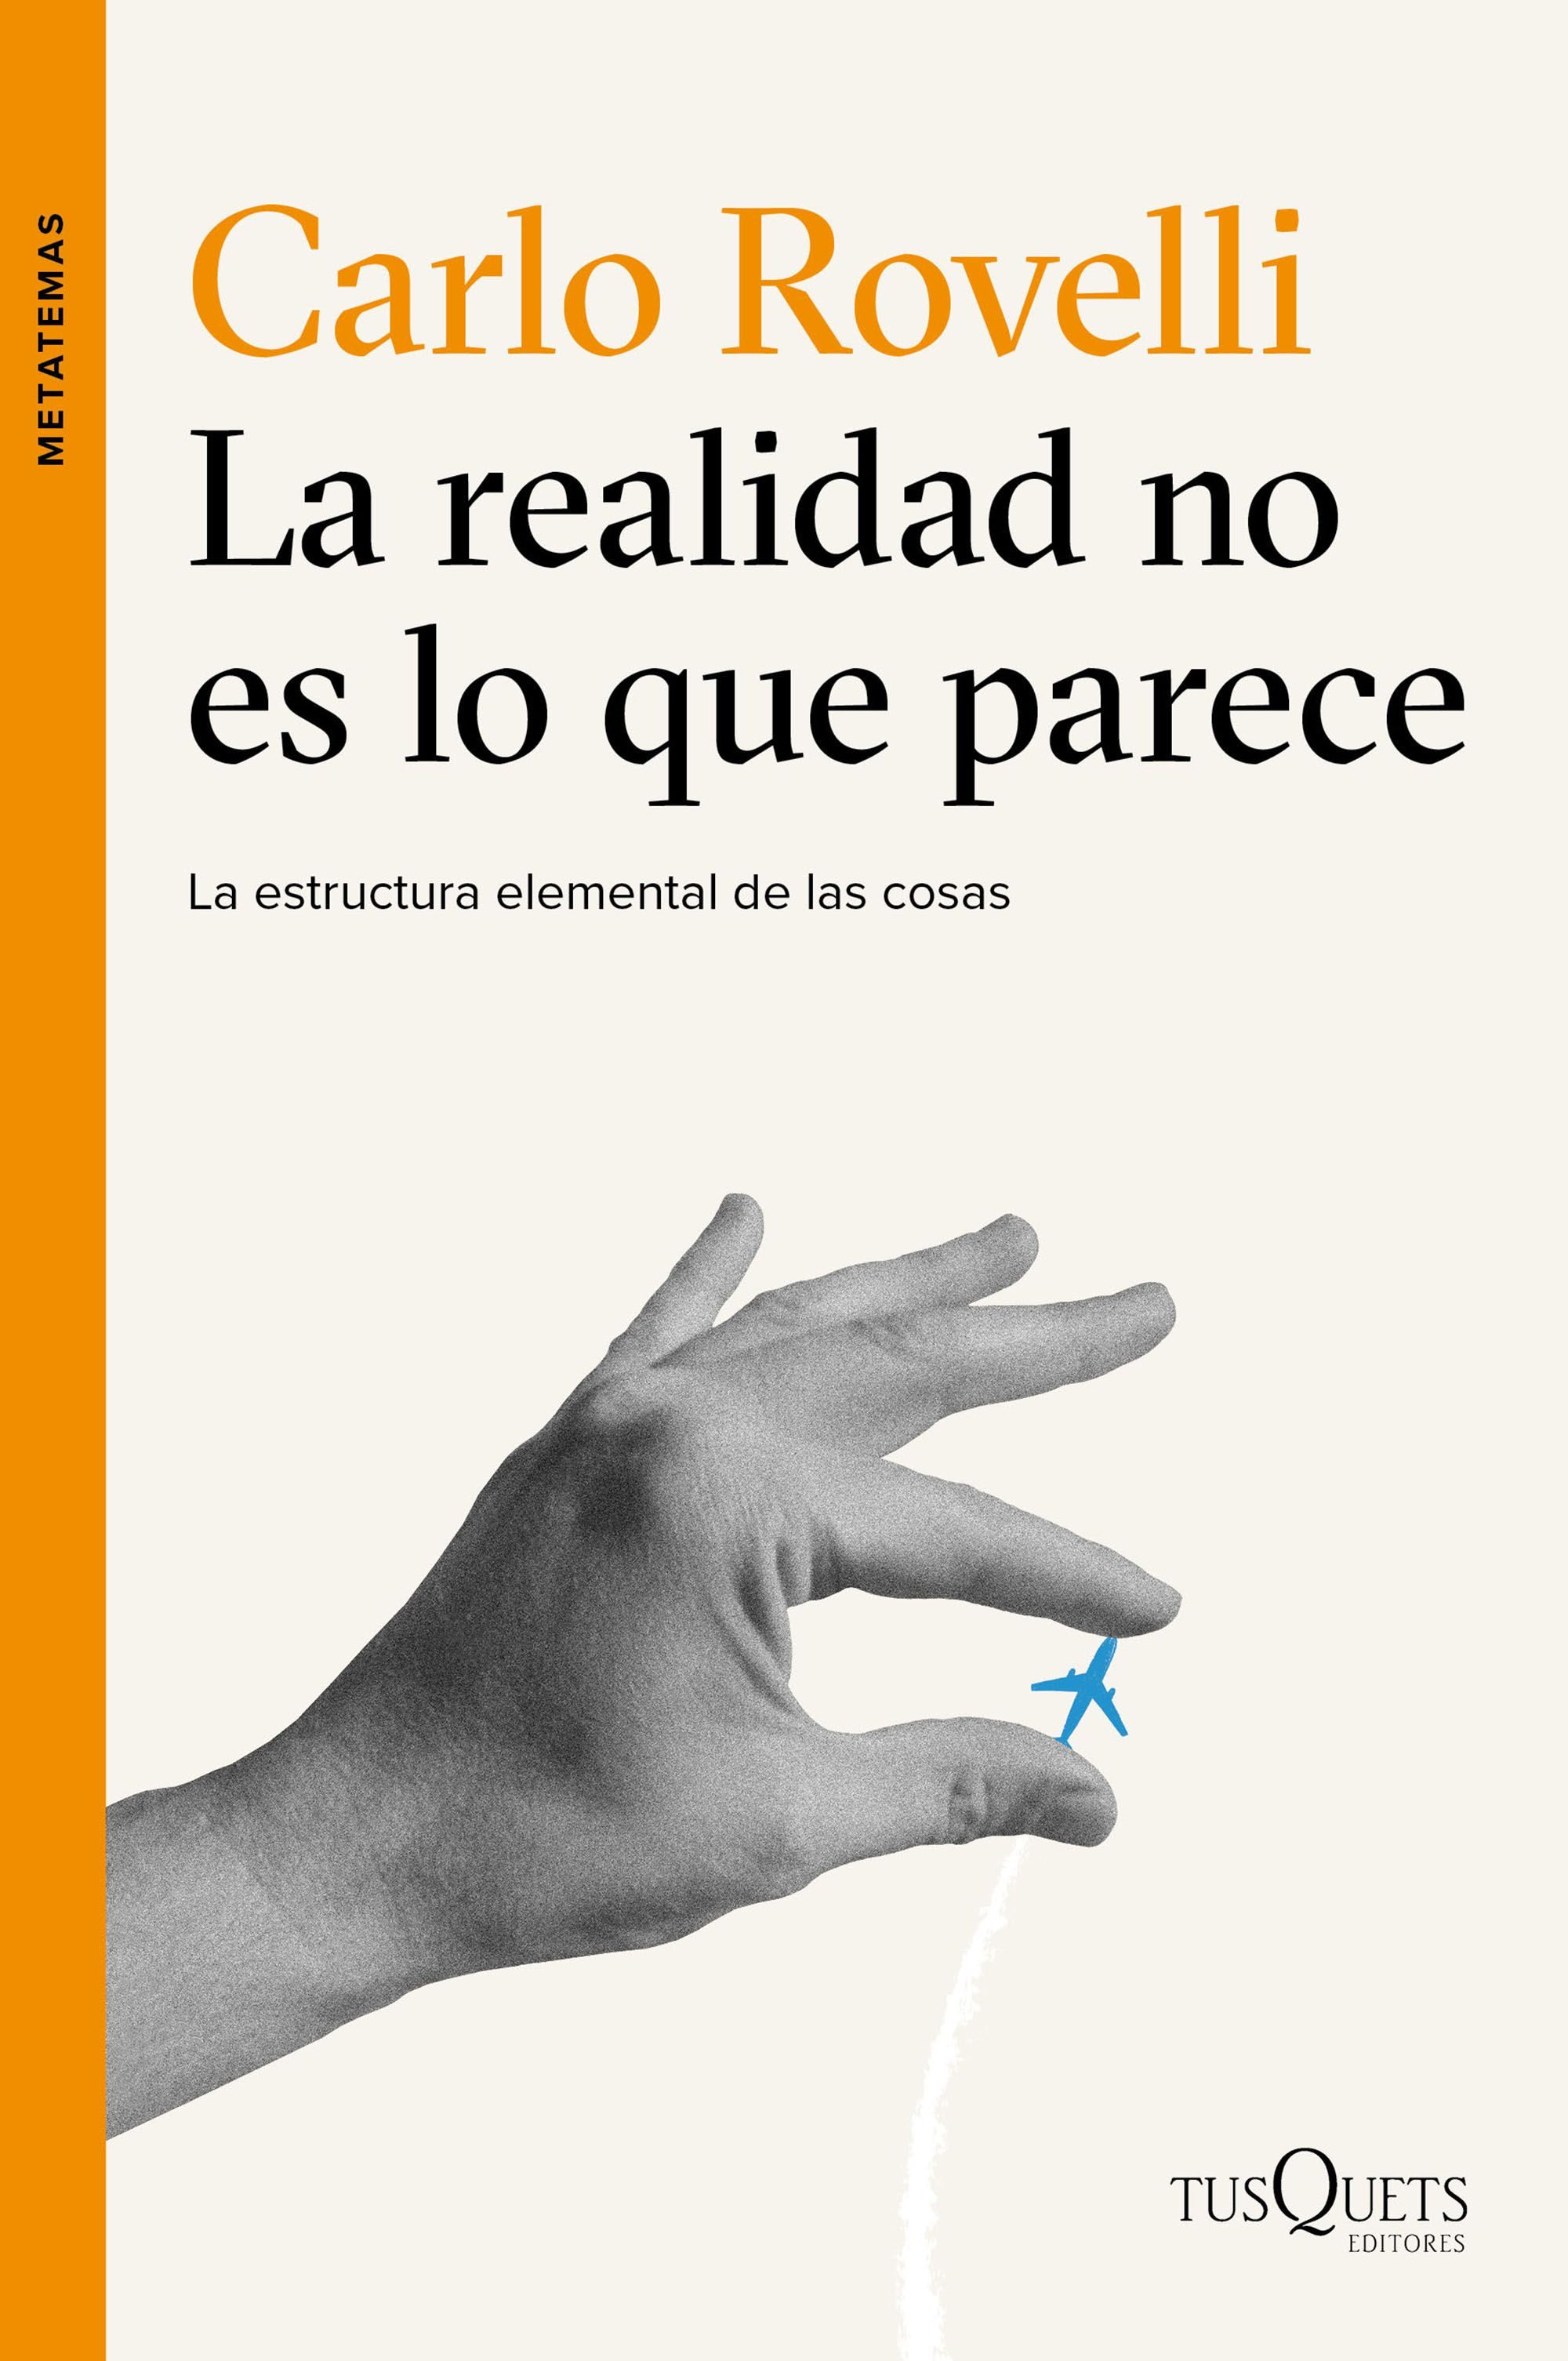 La Realidad no es lo que Parece - Carlo Rovelli - Tusquets Editores S.A.